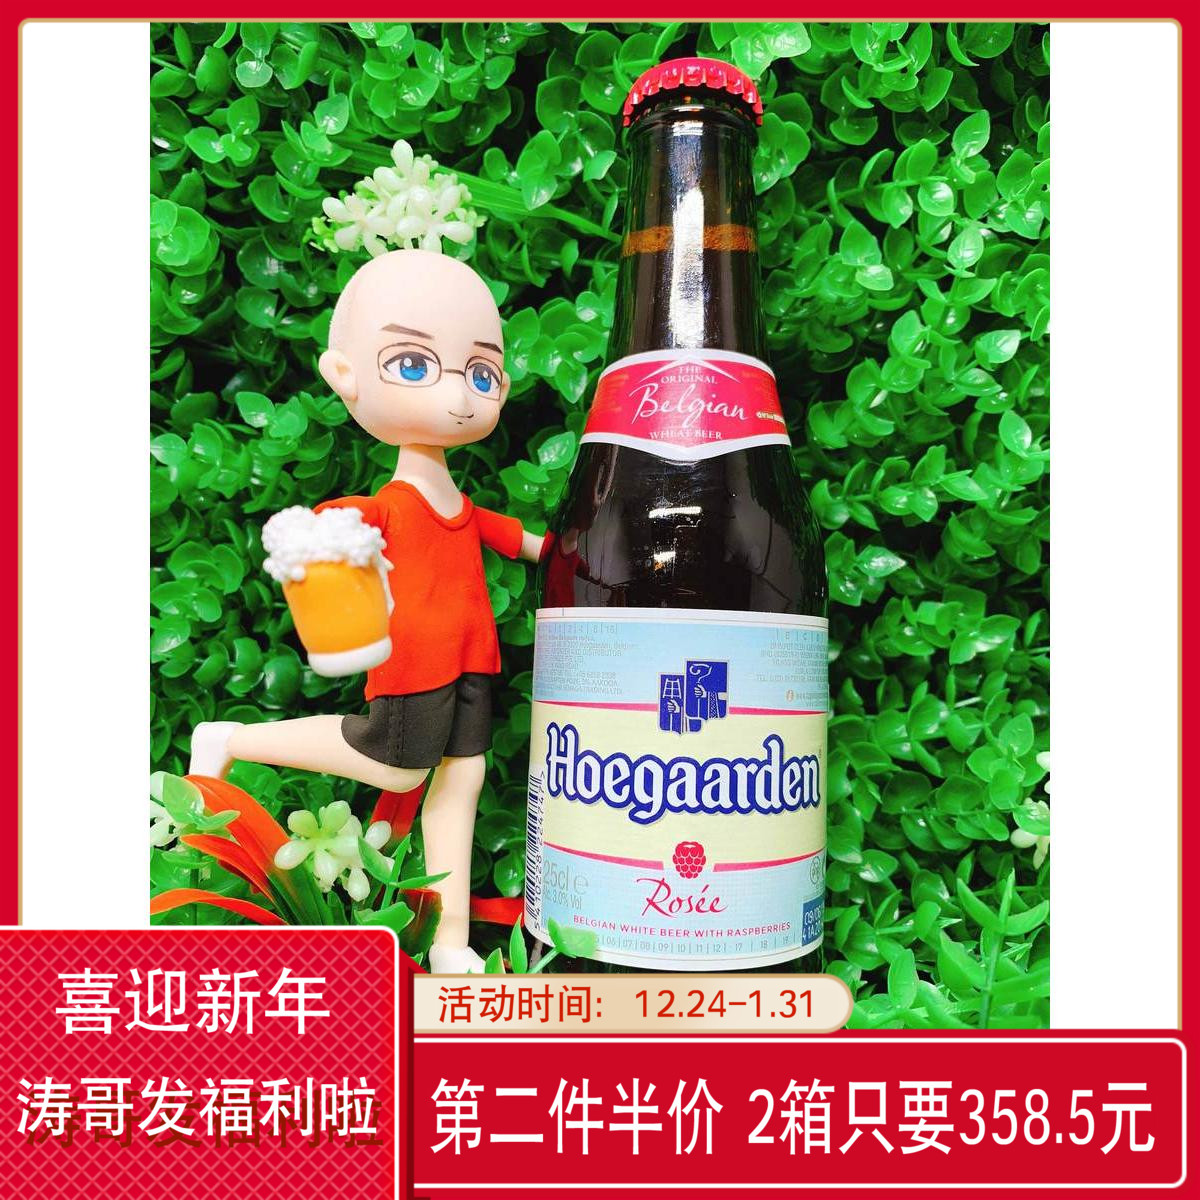 福佳白玫瑰250mlX24瓶Hoegaarden rosee精酿水果味啤酒比利时进口